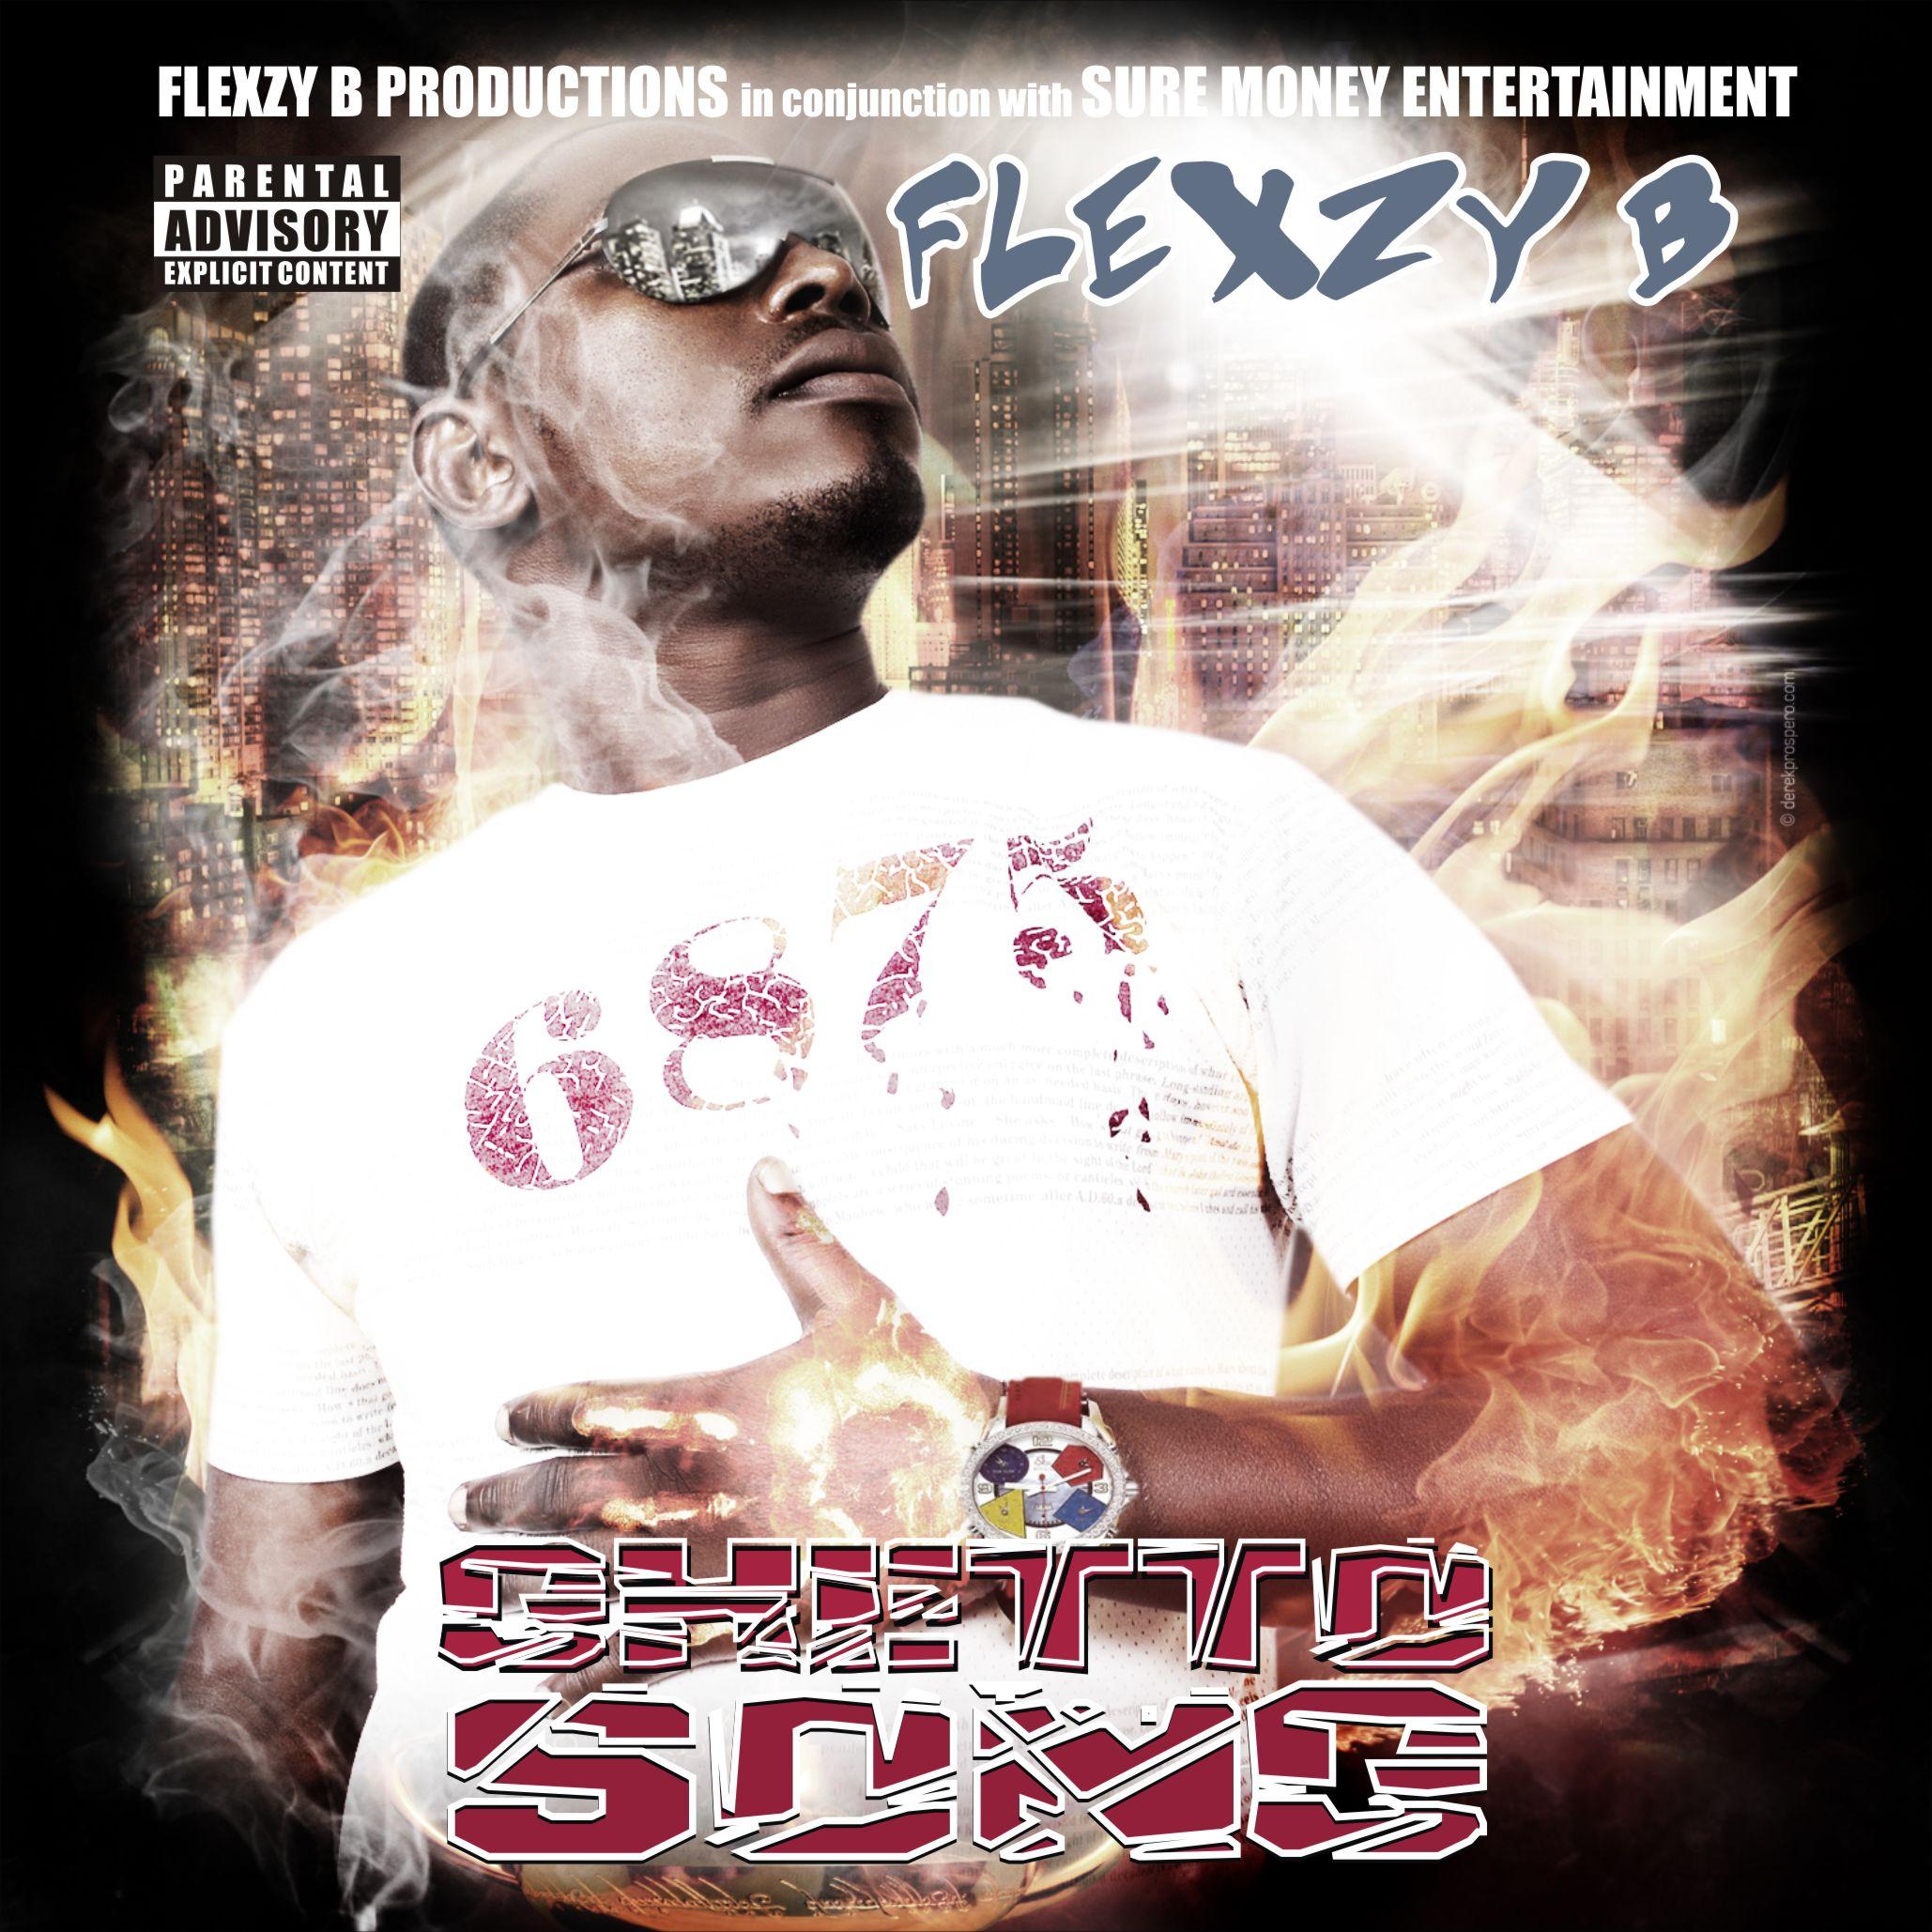 Flexzy Beatz Production Sure Money Entertainment A Definition Of